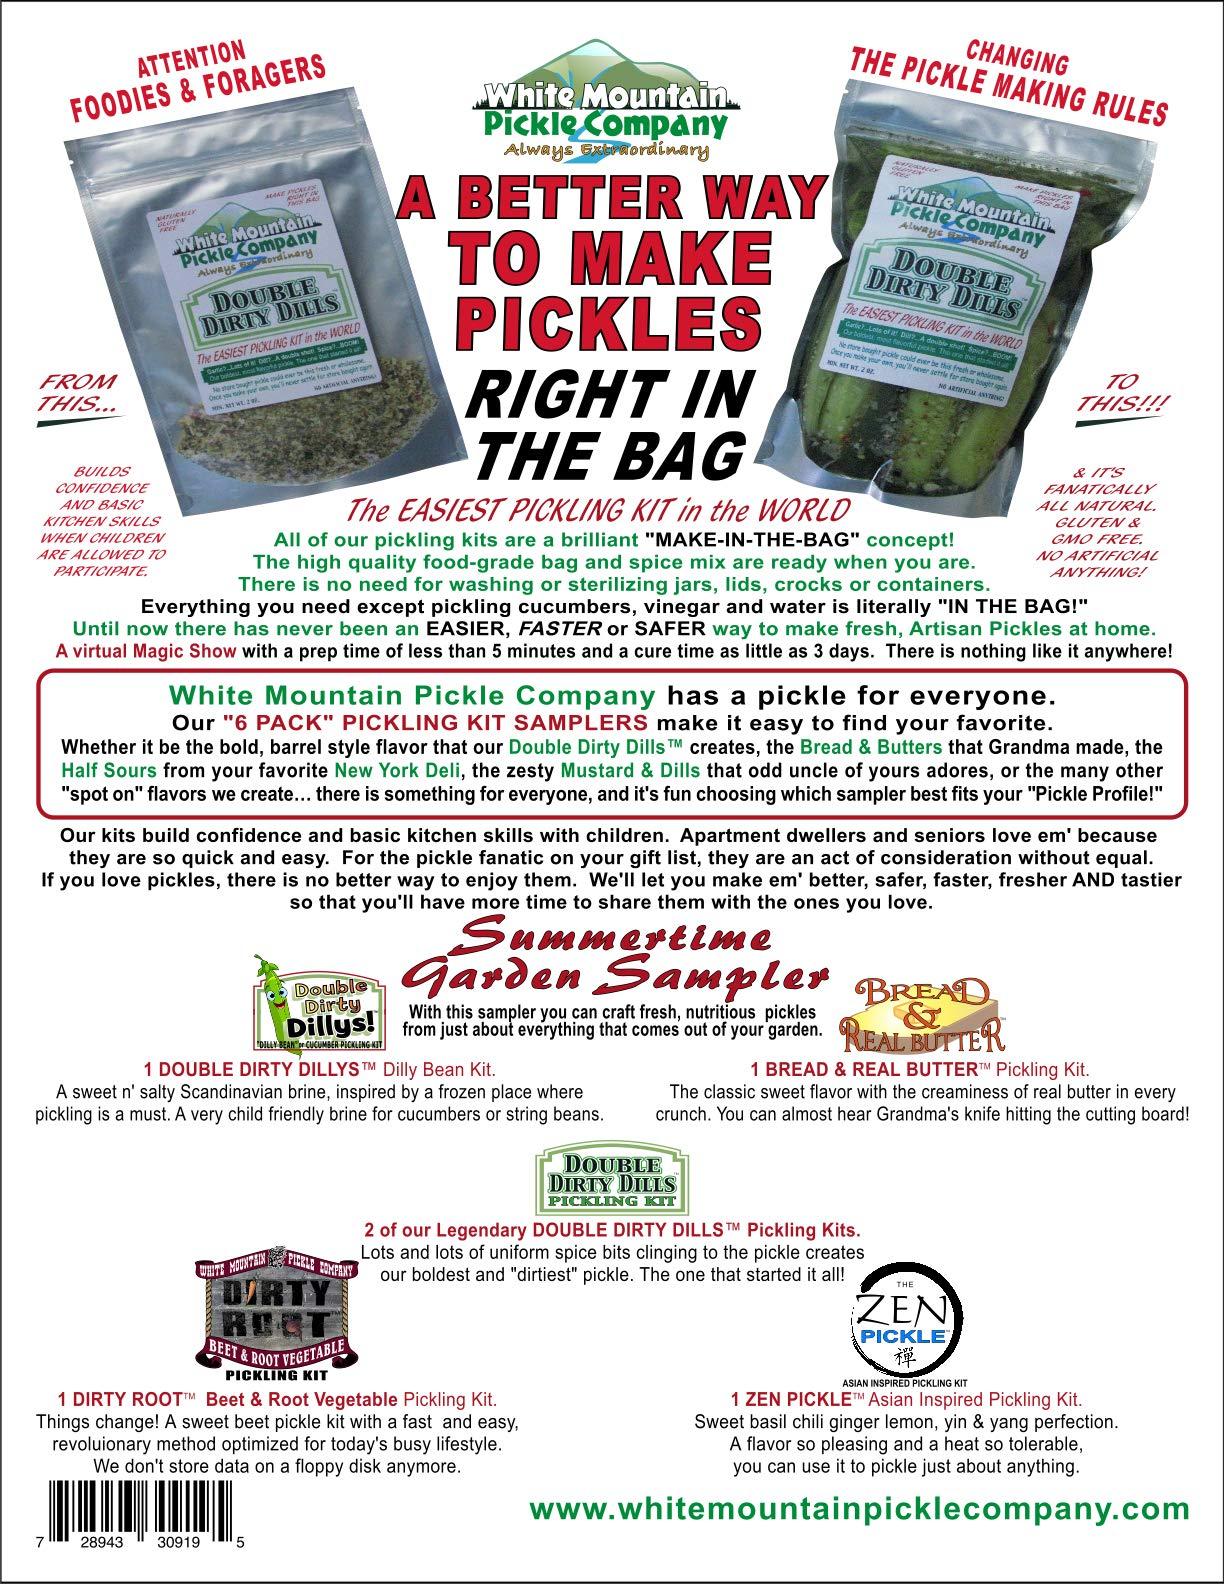 White Mountain Pickle Co. Summertime Garden Sampler Pickling Kit - No Jar Needed